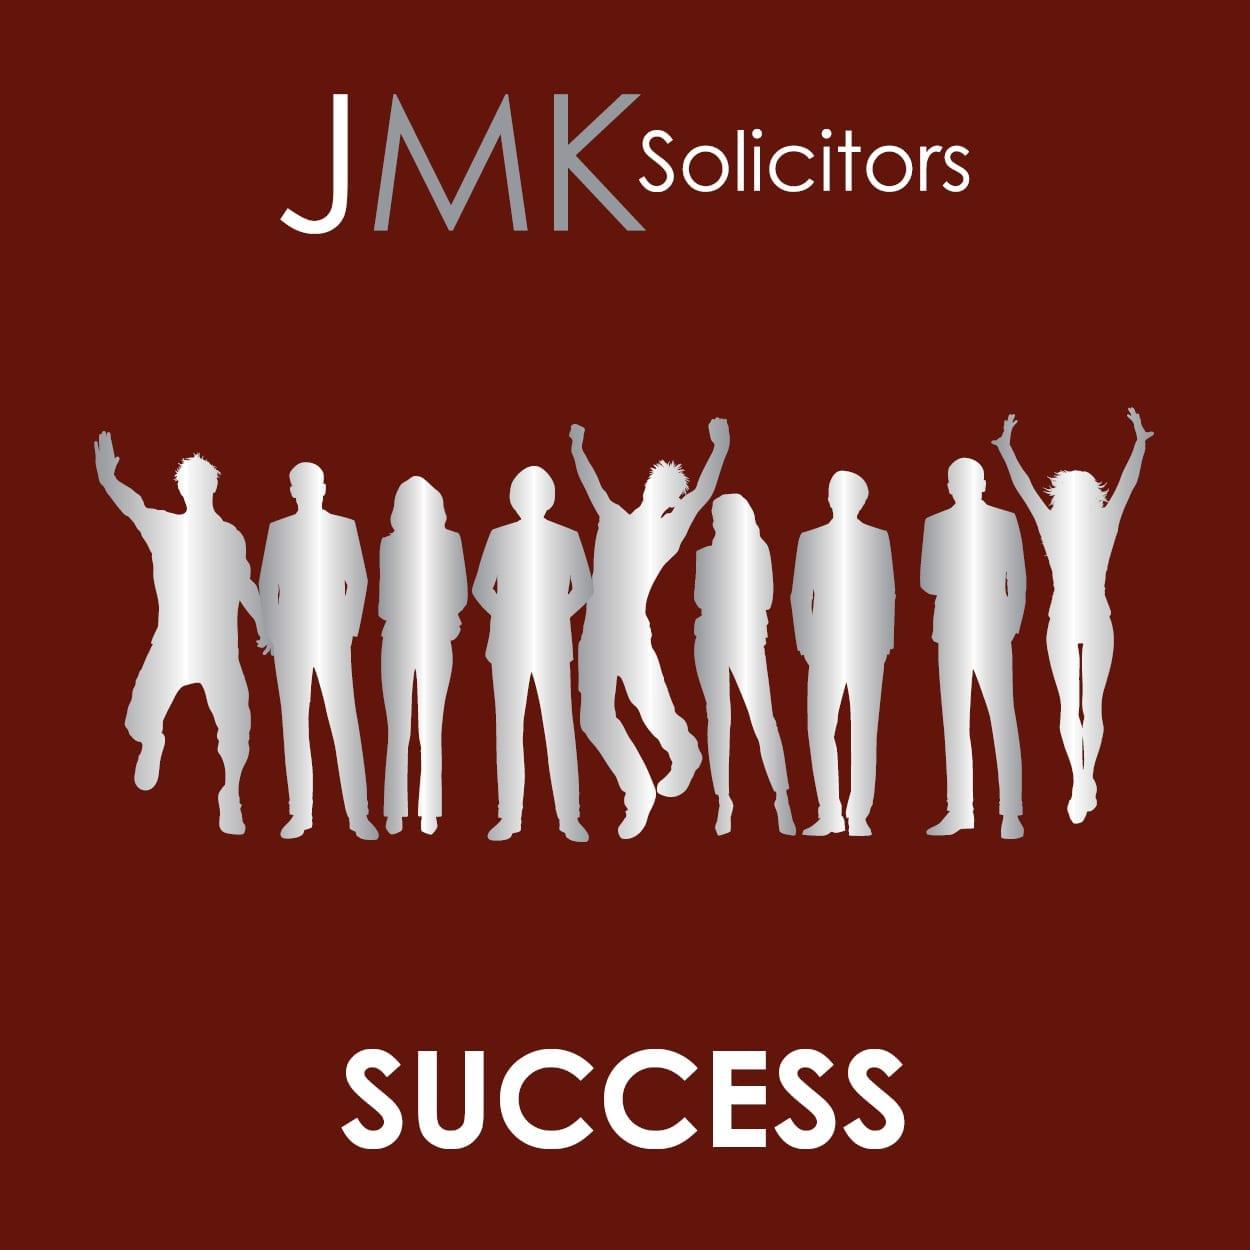 Success JMK Solicitors Values